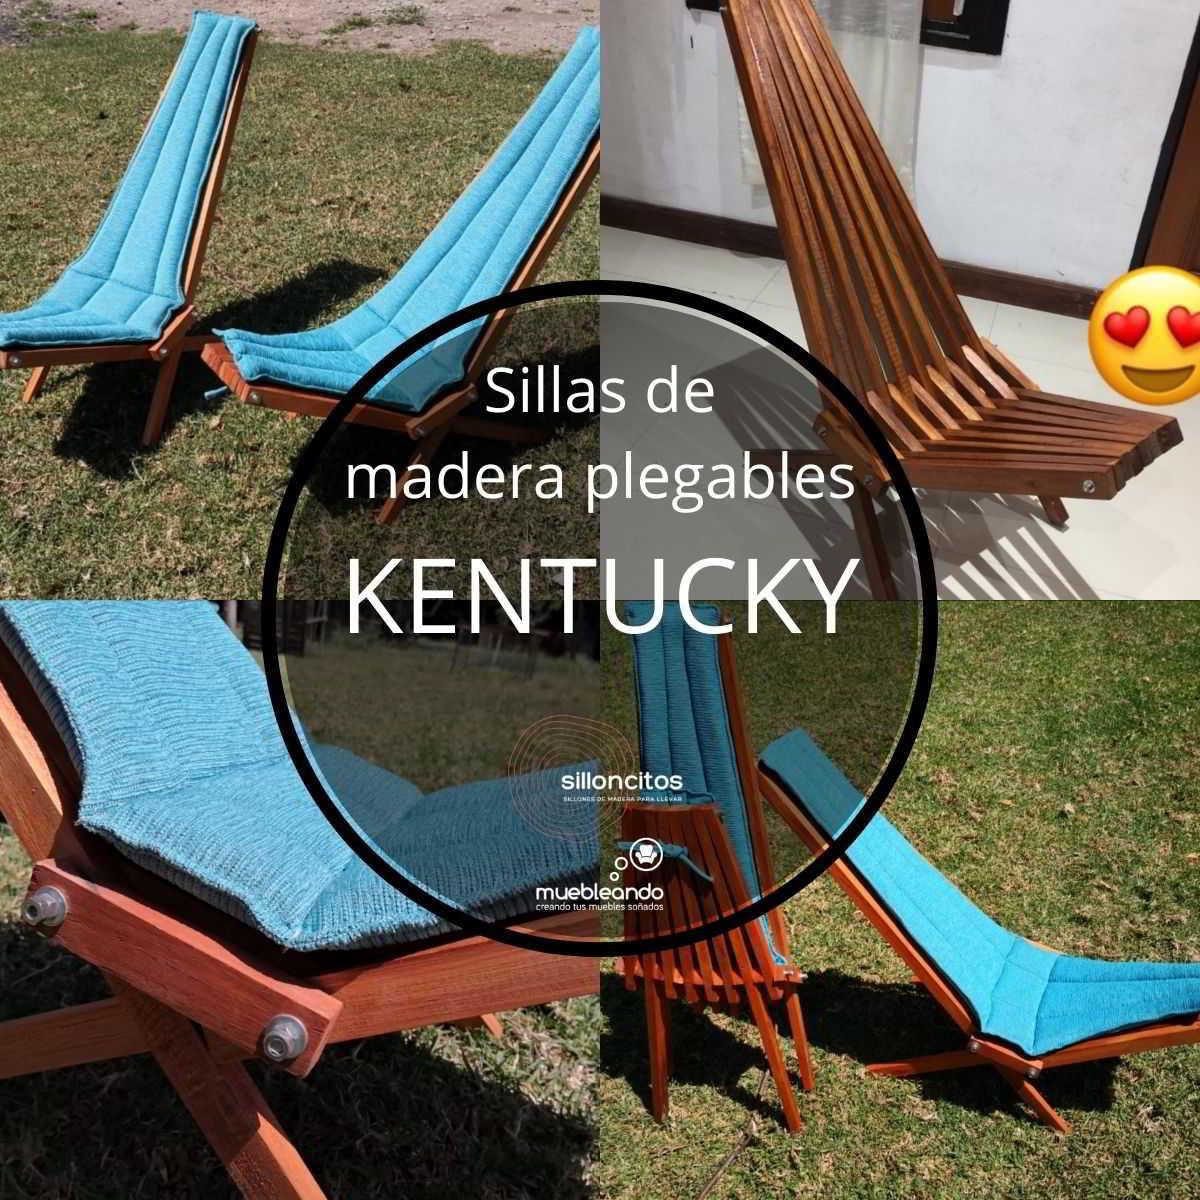 sillas de madera plegables Kentucky by Muebleando para vacaciones